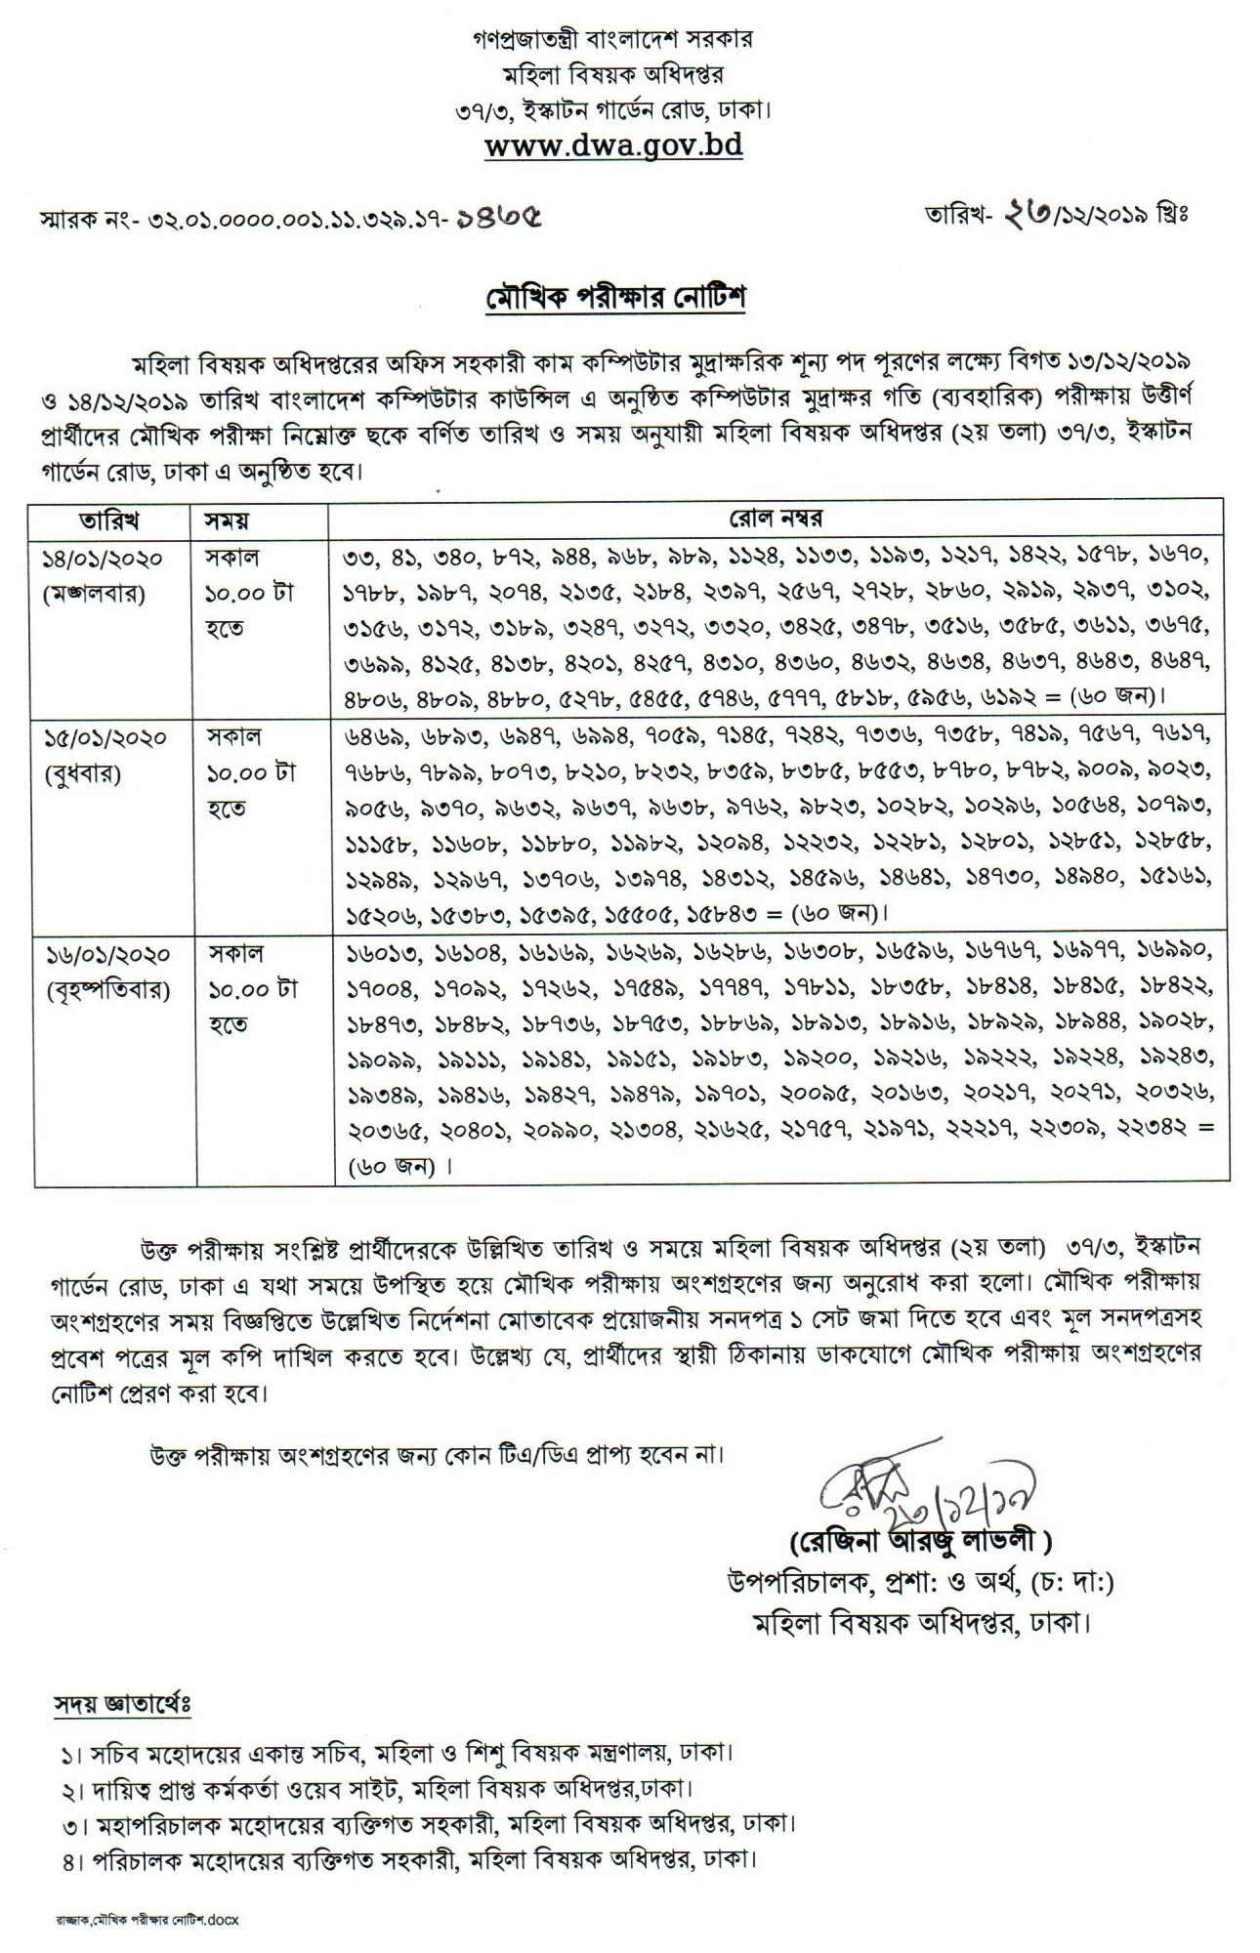 Department of Women Affairs Exam Notice